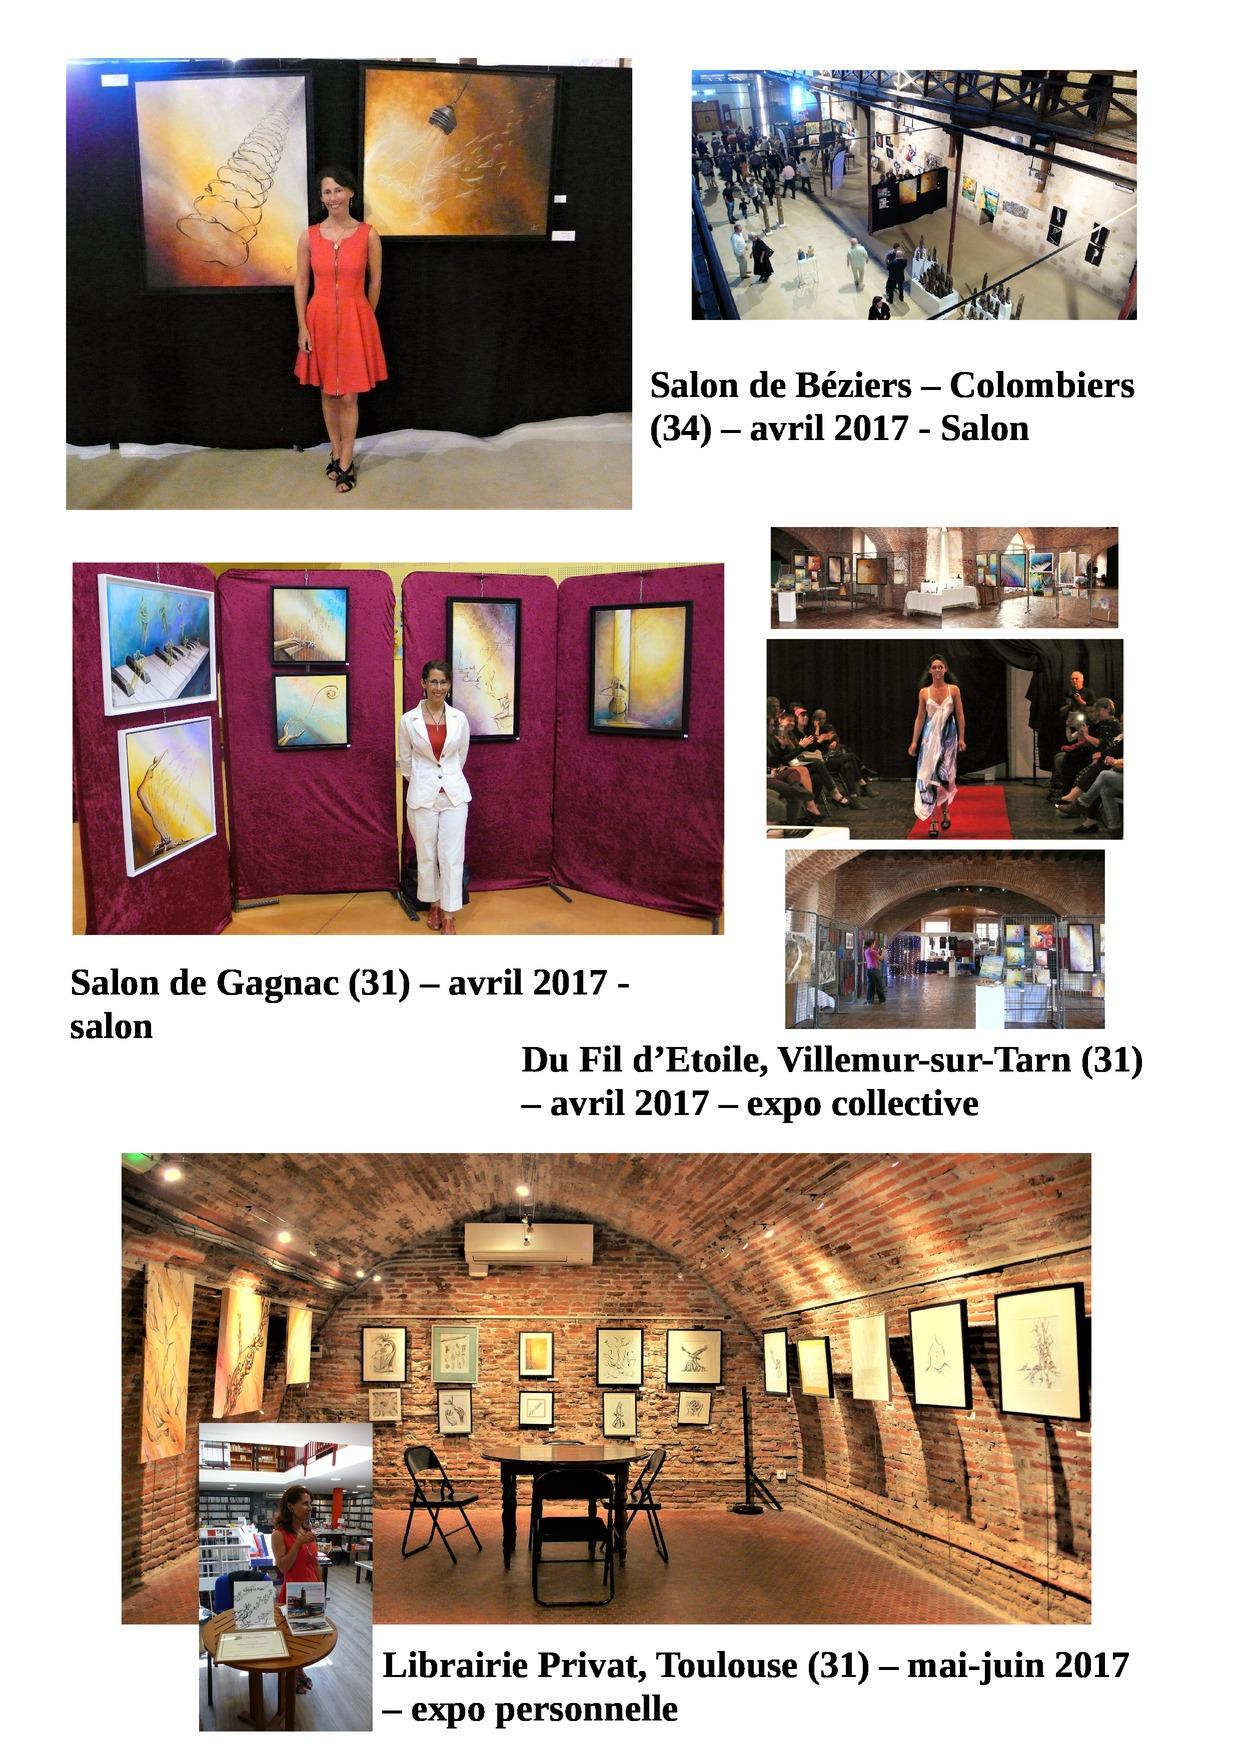 expos_2017_en_images-page3.jpg